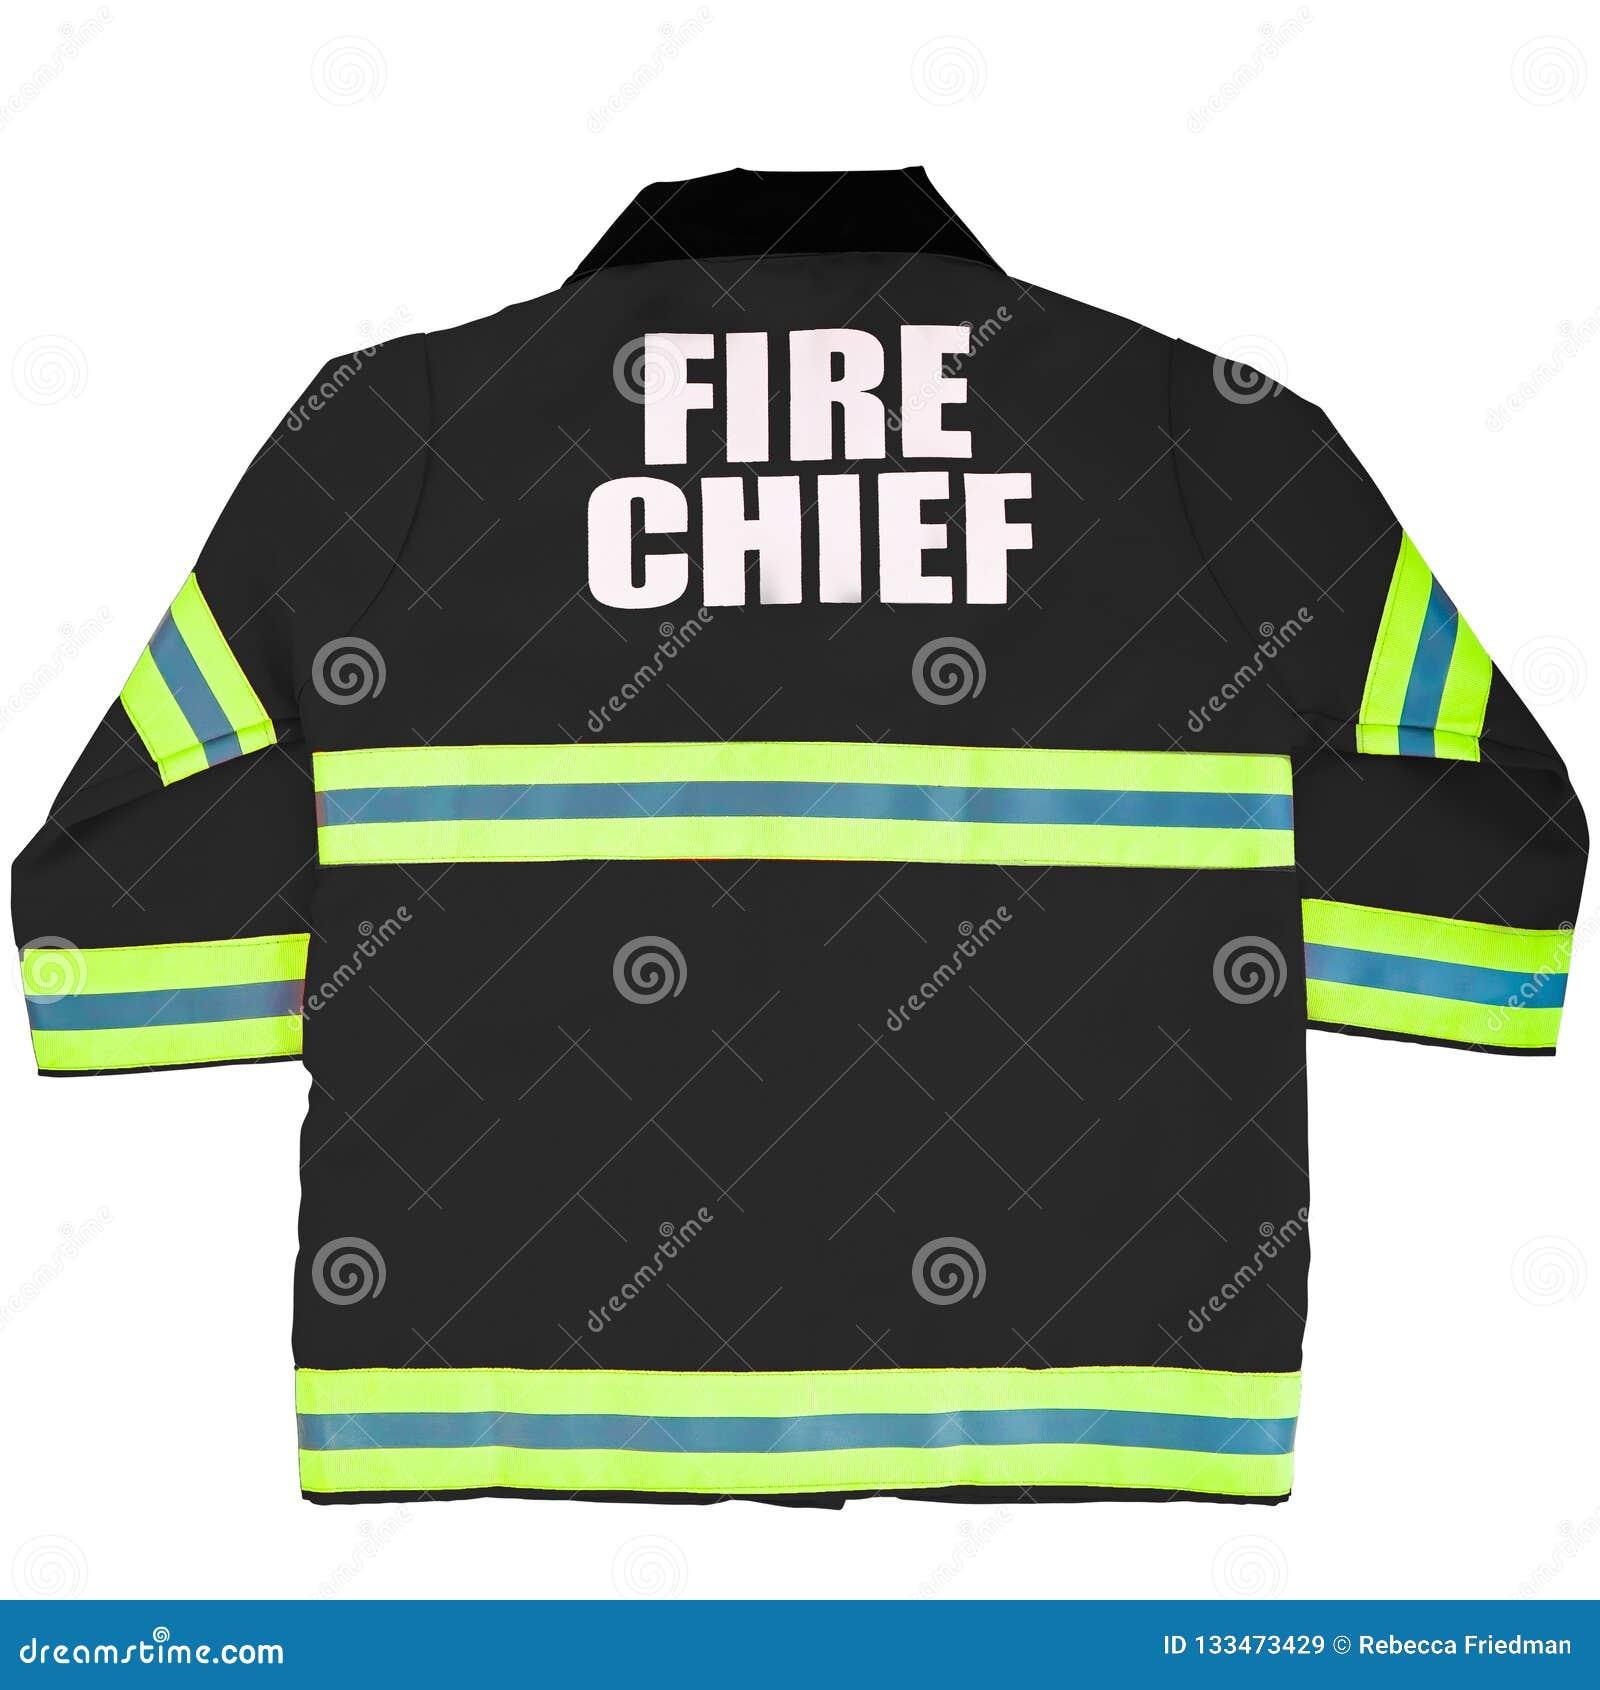 Toy Fireman Jacket